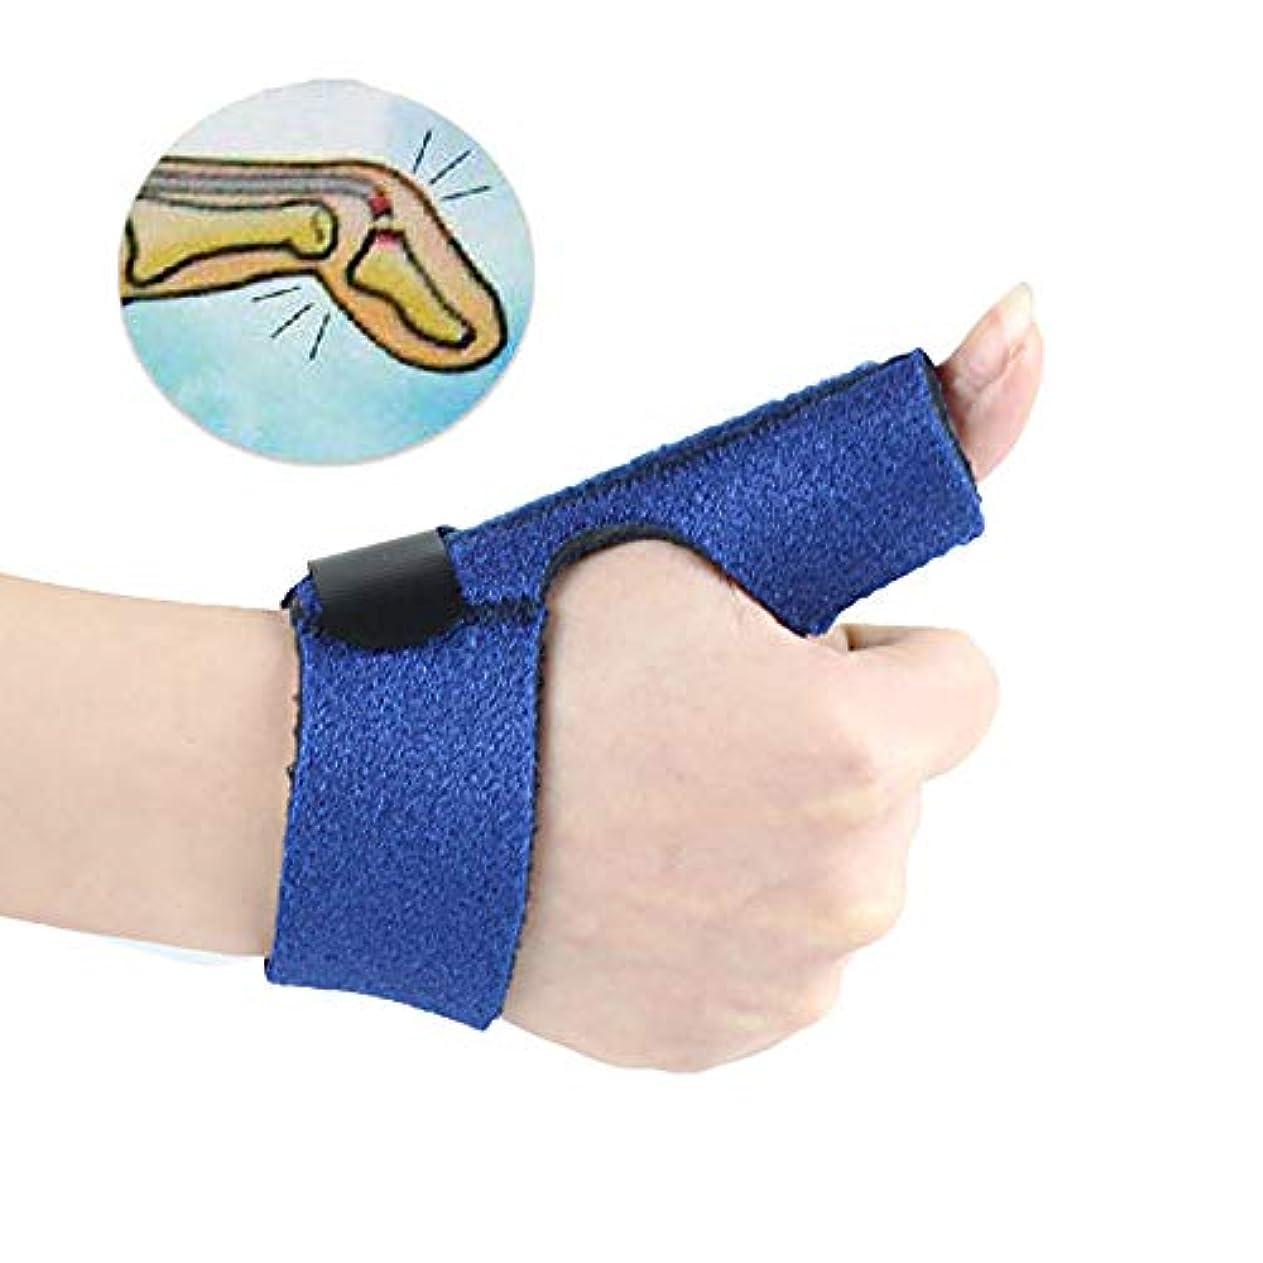 商業のジェーンオースティン過度にトリガーフィンガースプリント調整可能なプロテクターフィンガーサポートブレーススプリント、指の痛みを軽減するための内蔵アルミニウムサポート